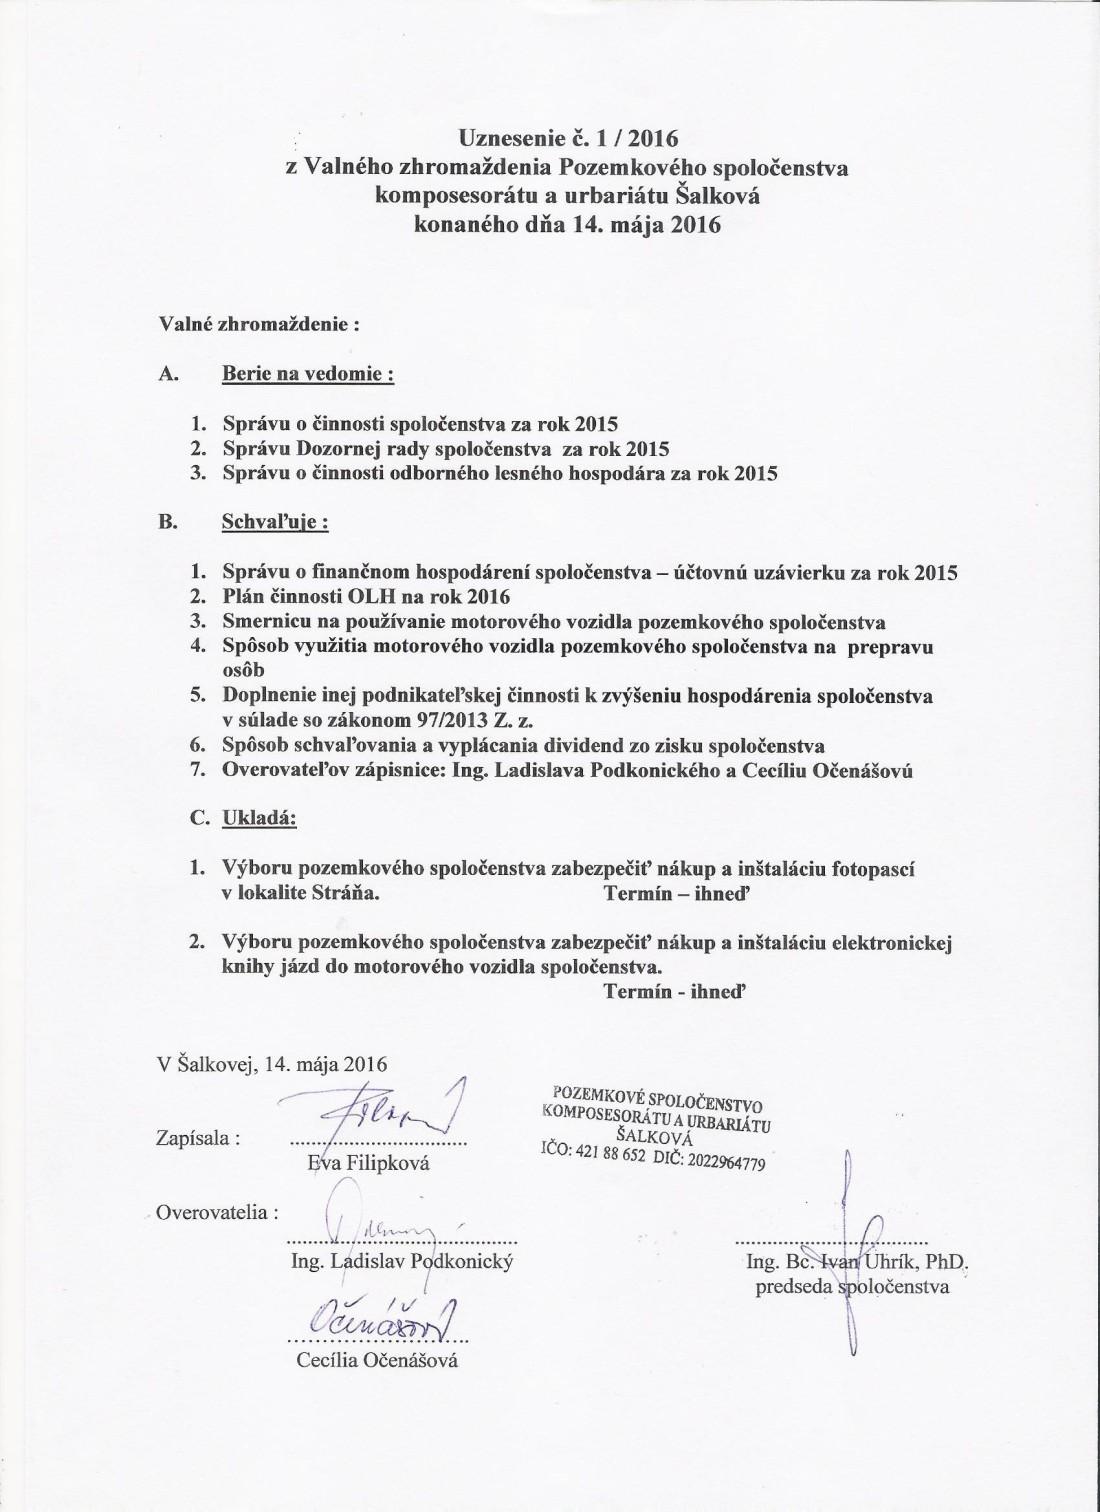 Uznesenie z VZ 14.5.2016